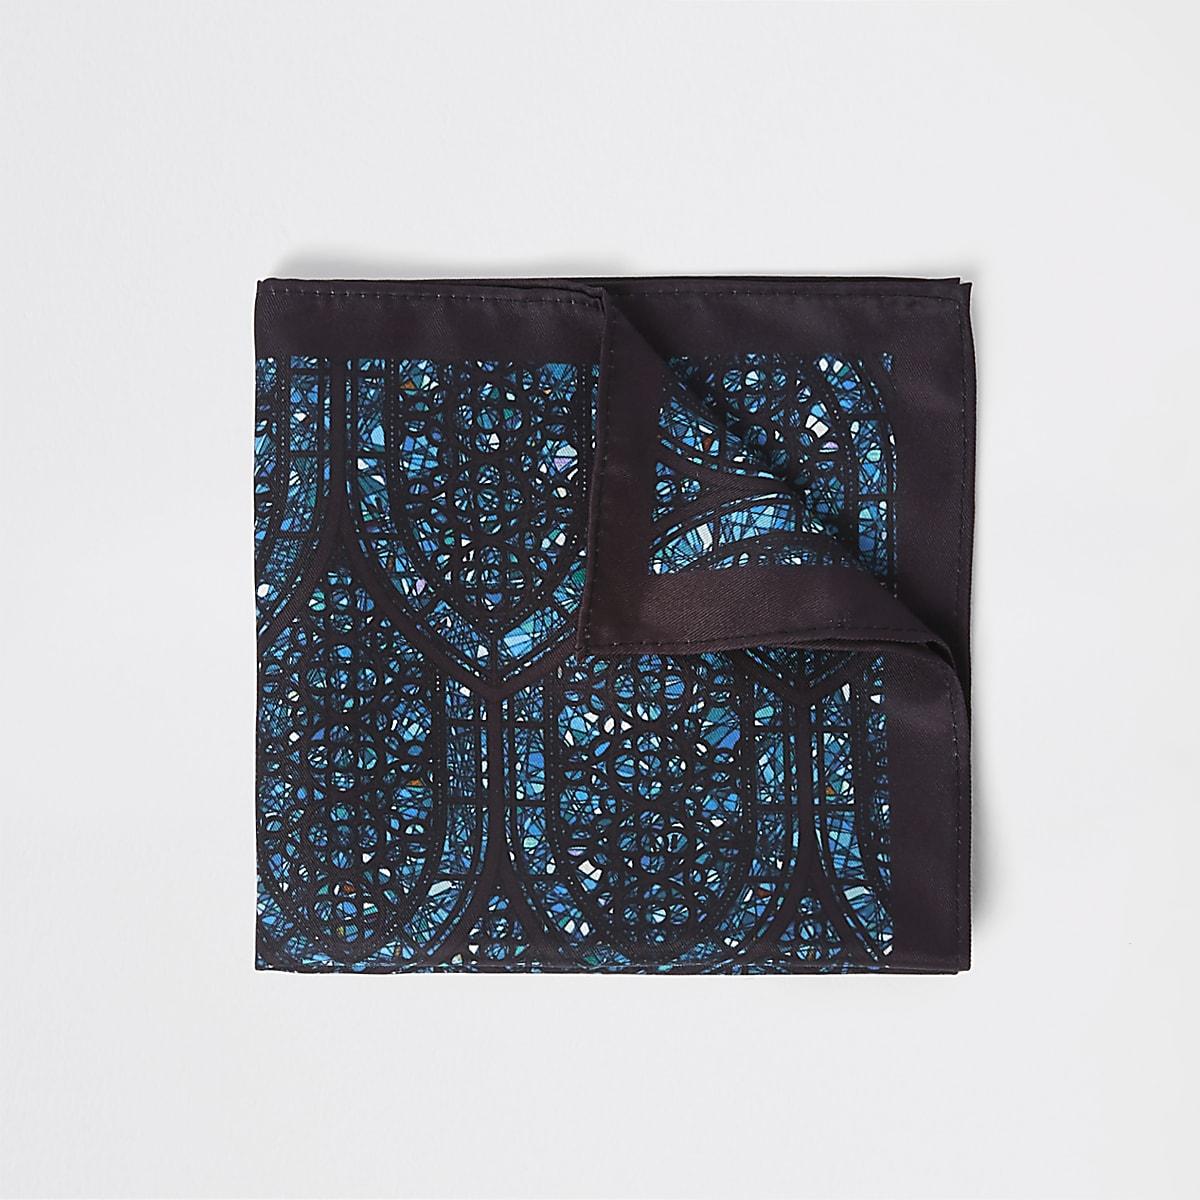 Mouchoir imprimé vitrail noir